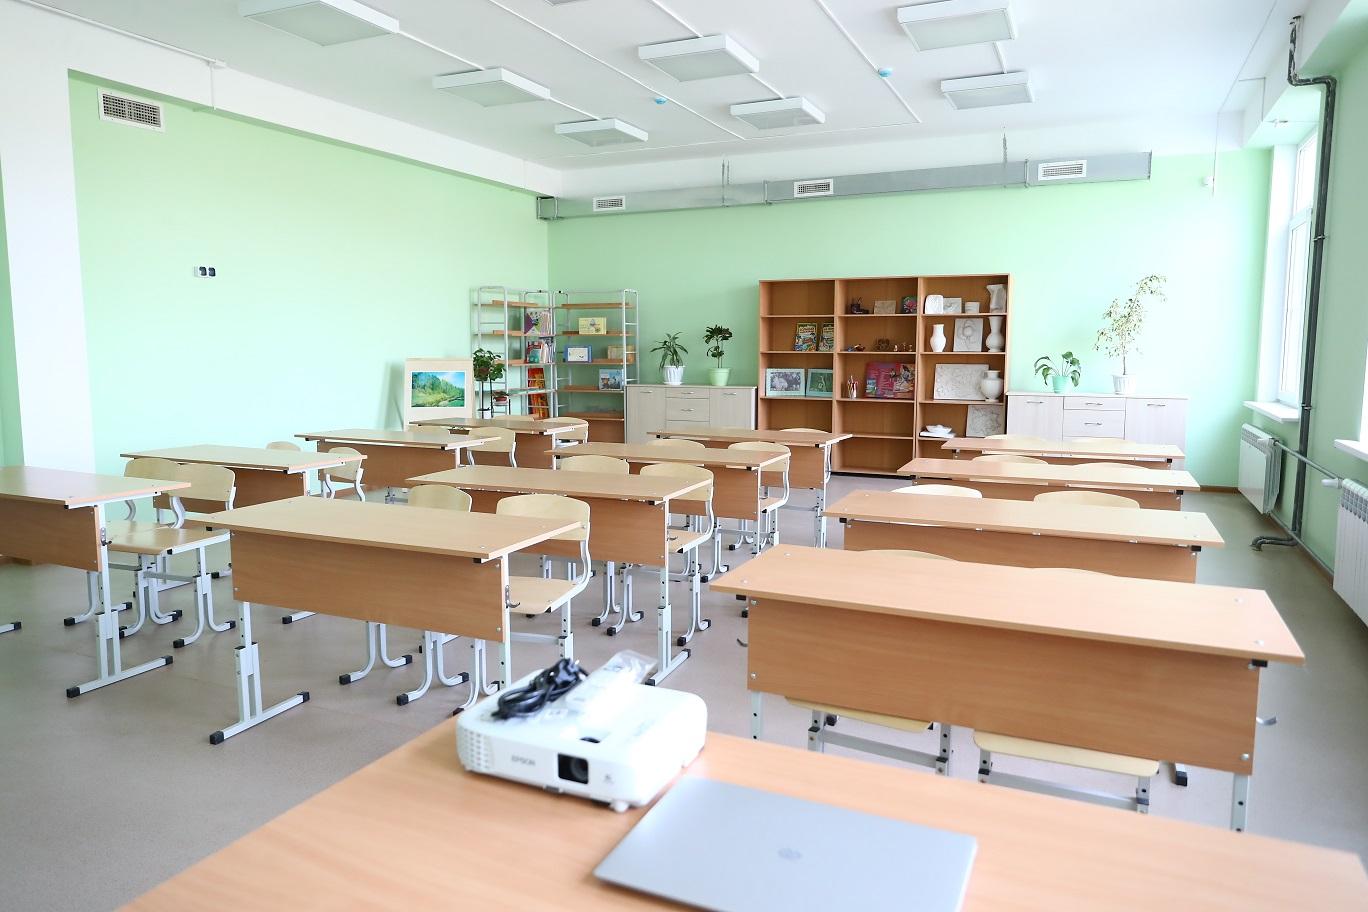 школа в астраханском поселке Мирный 3 В школе астраханского поселка учеников не выпускали из класса из-за толчеи в коридоре